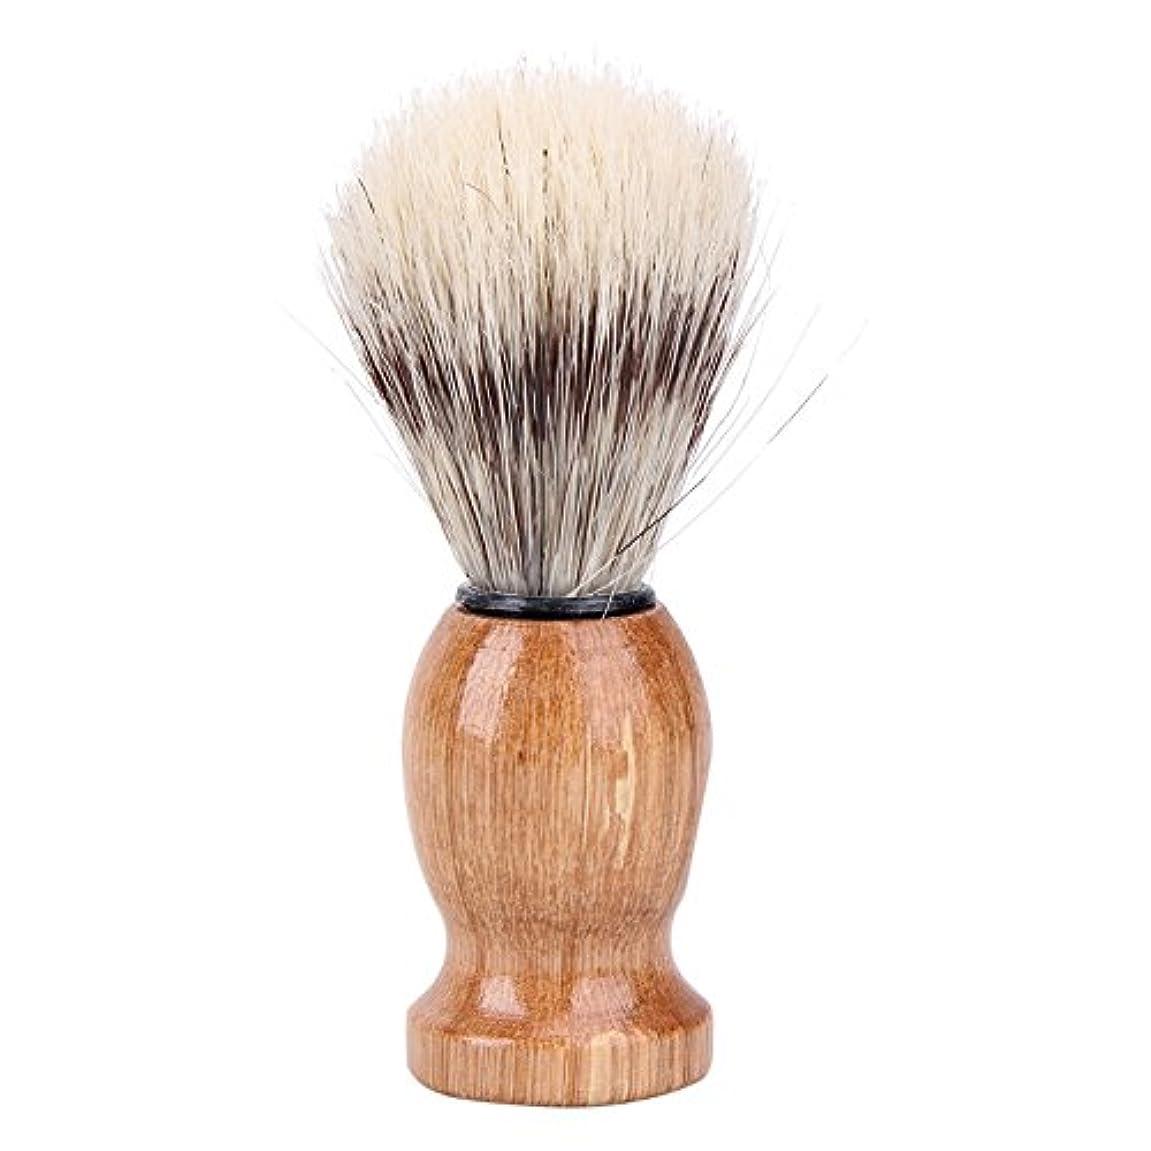 ブラウザできれば暫定黒い丸、男性、ひげブラシ、シェービングブラシ、美容ツール、シェービングツール